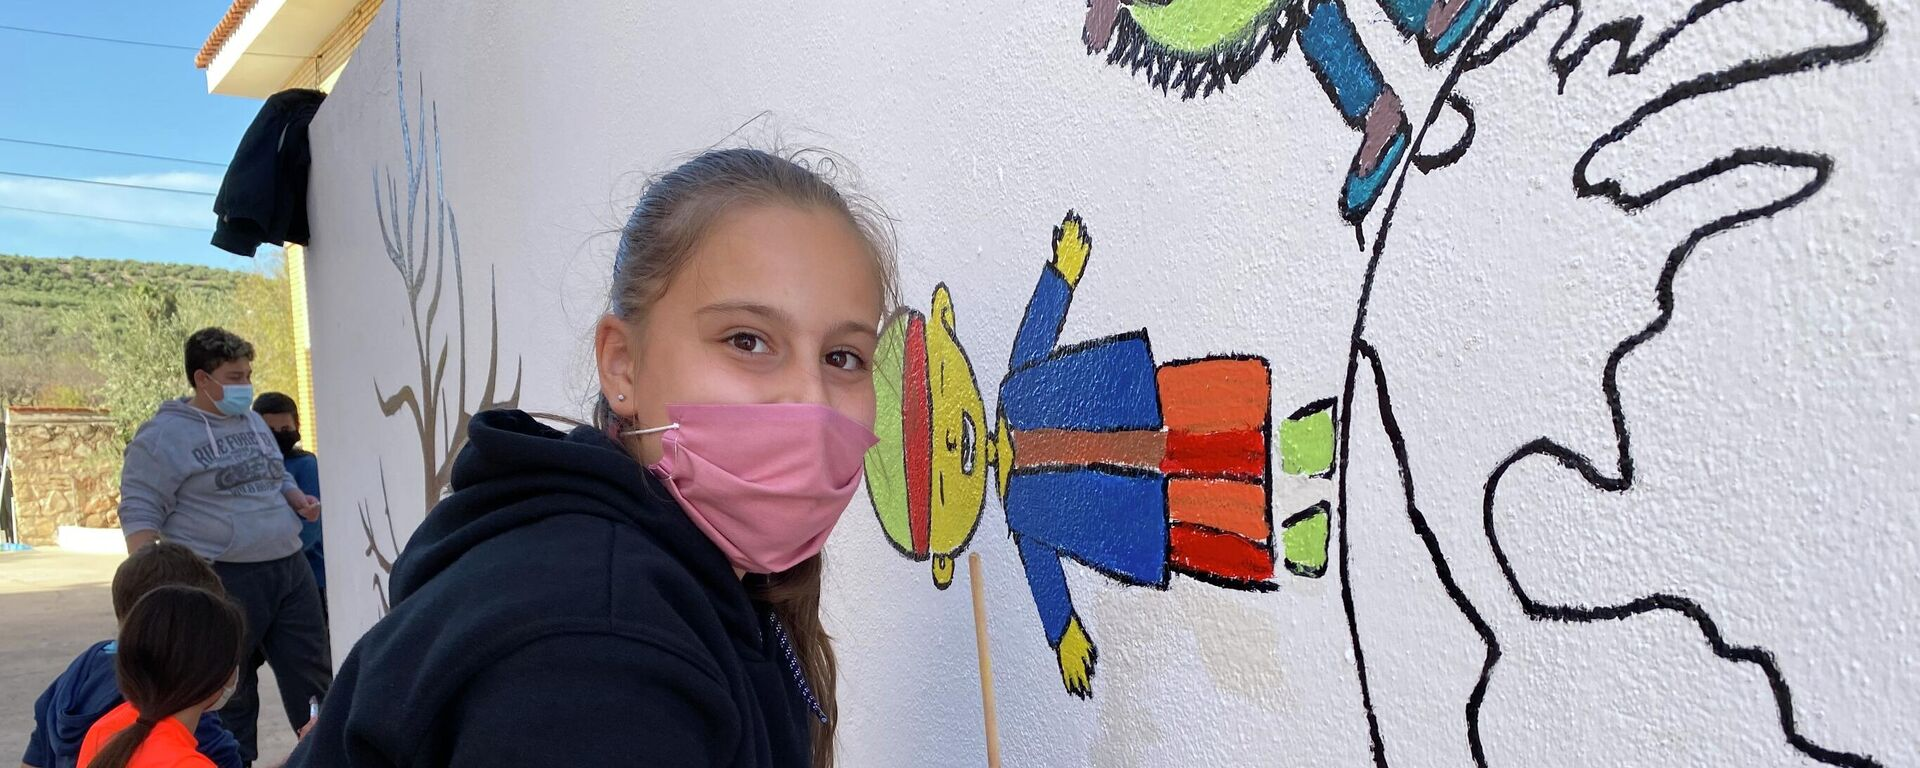 Una niña pinta un mural en su colegio de Sorihuela del Guadalimar, Jaén, España - Sputnik Mundo, 1920, 08.04.2021